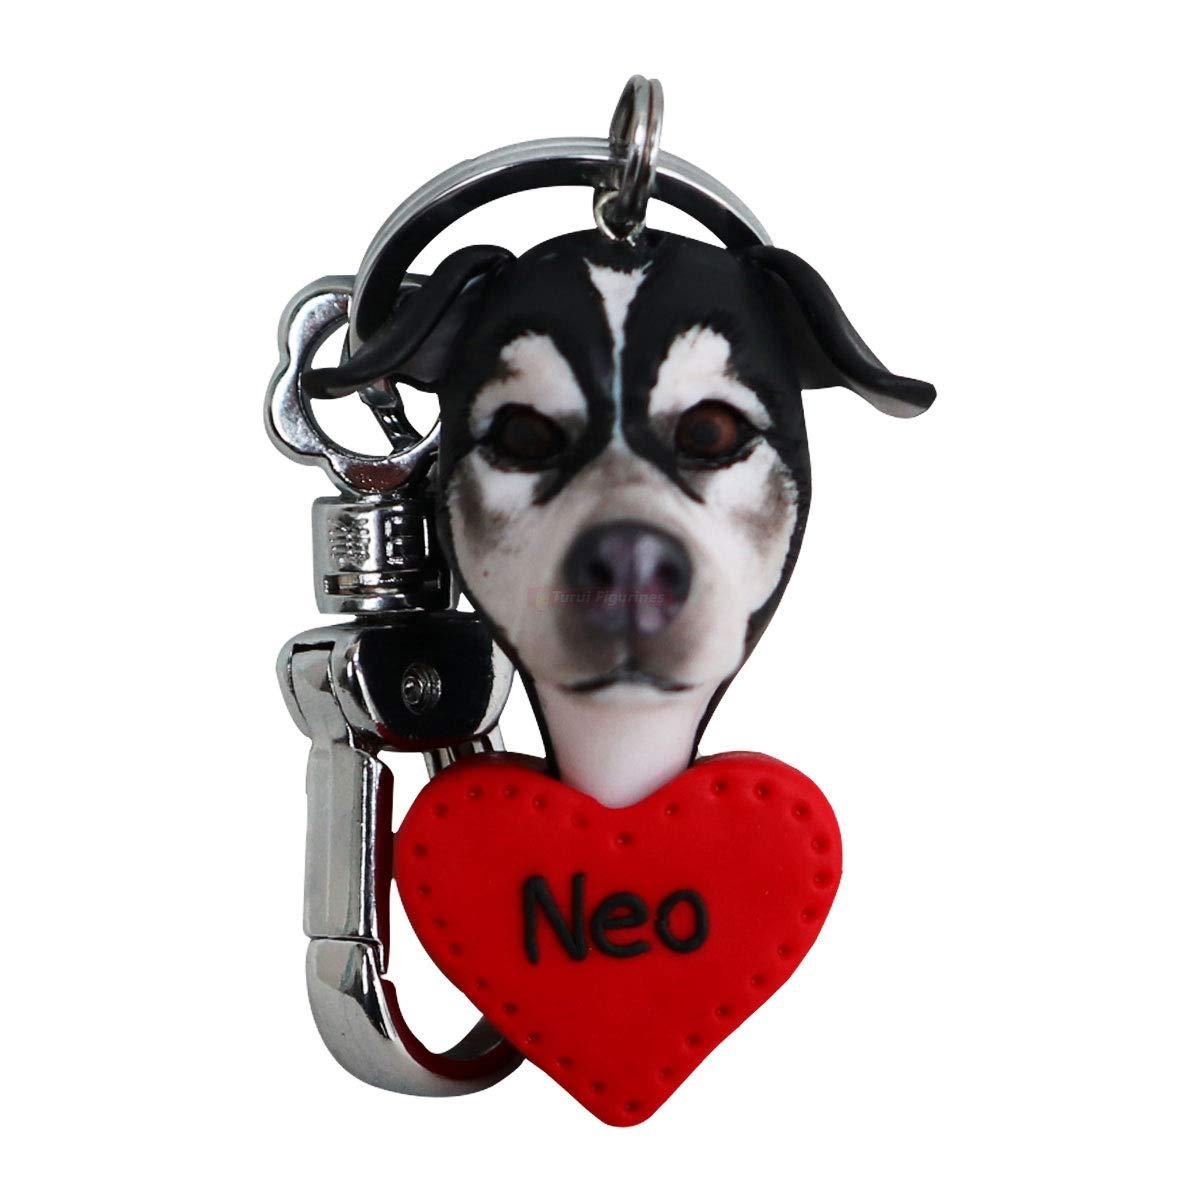 Llavero personalizado de la joyería del regalo conmemorativo Pérdida de mascota - Encanto conmemorativo hecho a medida Perro Gato Artesanía DIY - Amigo de la familia